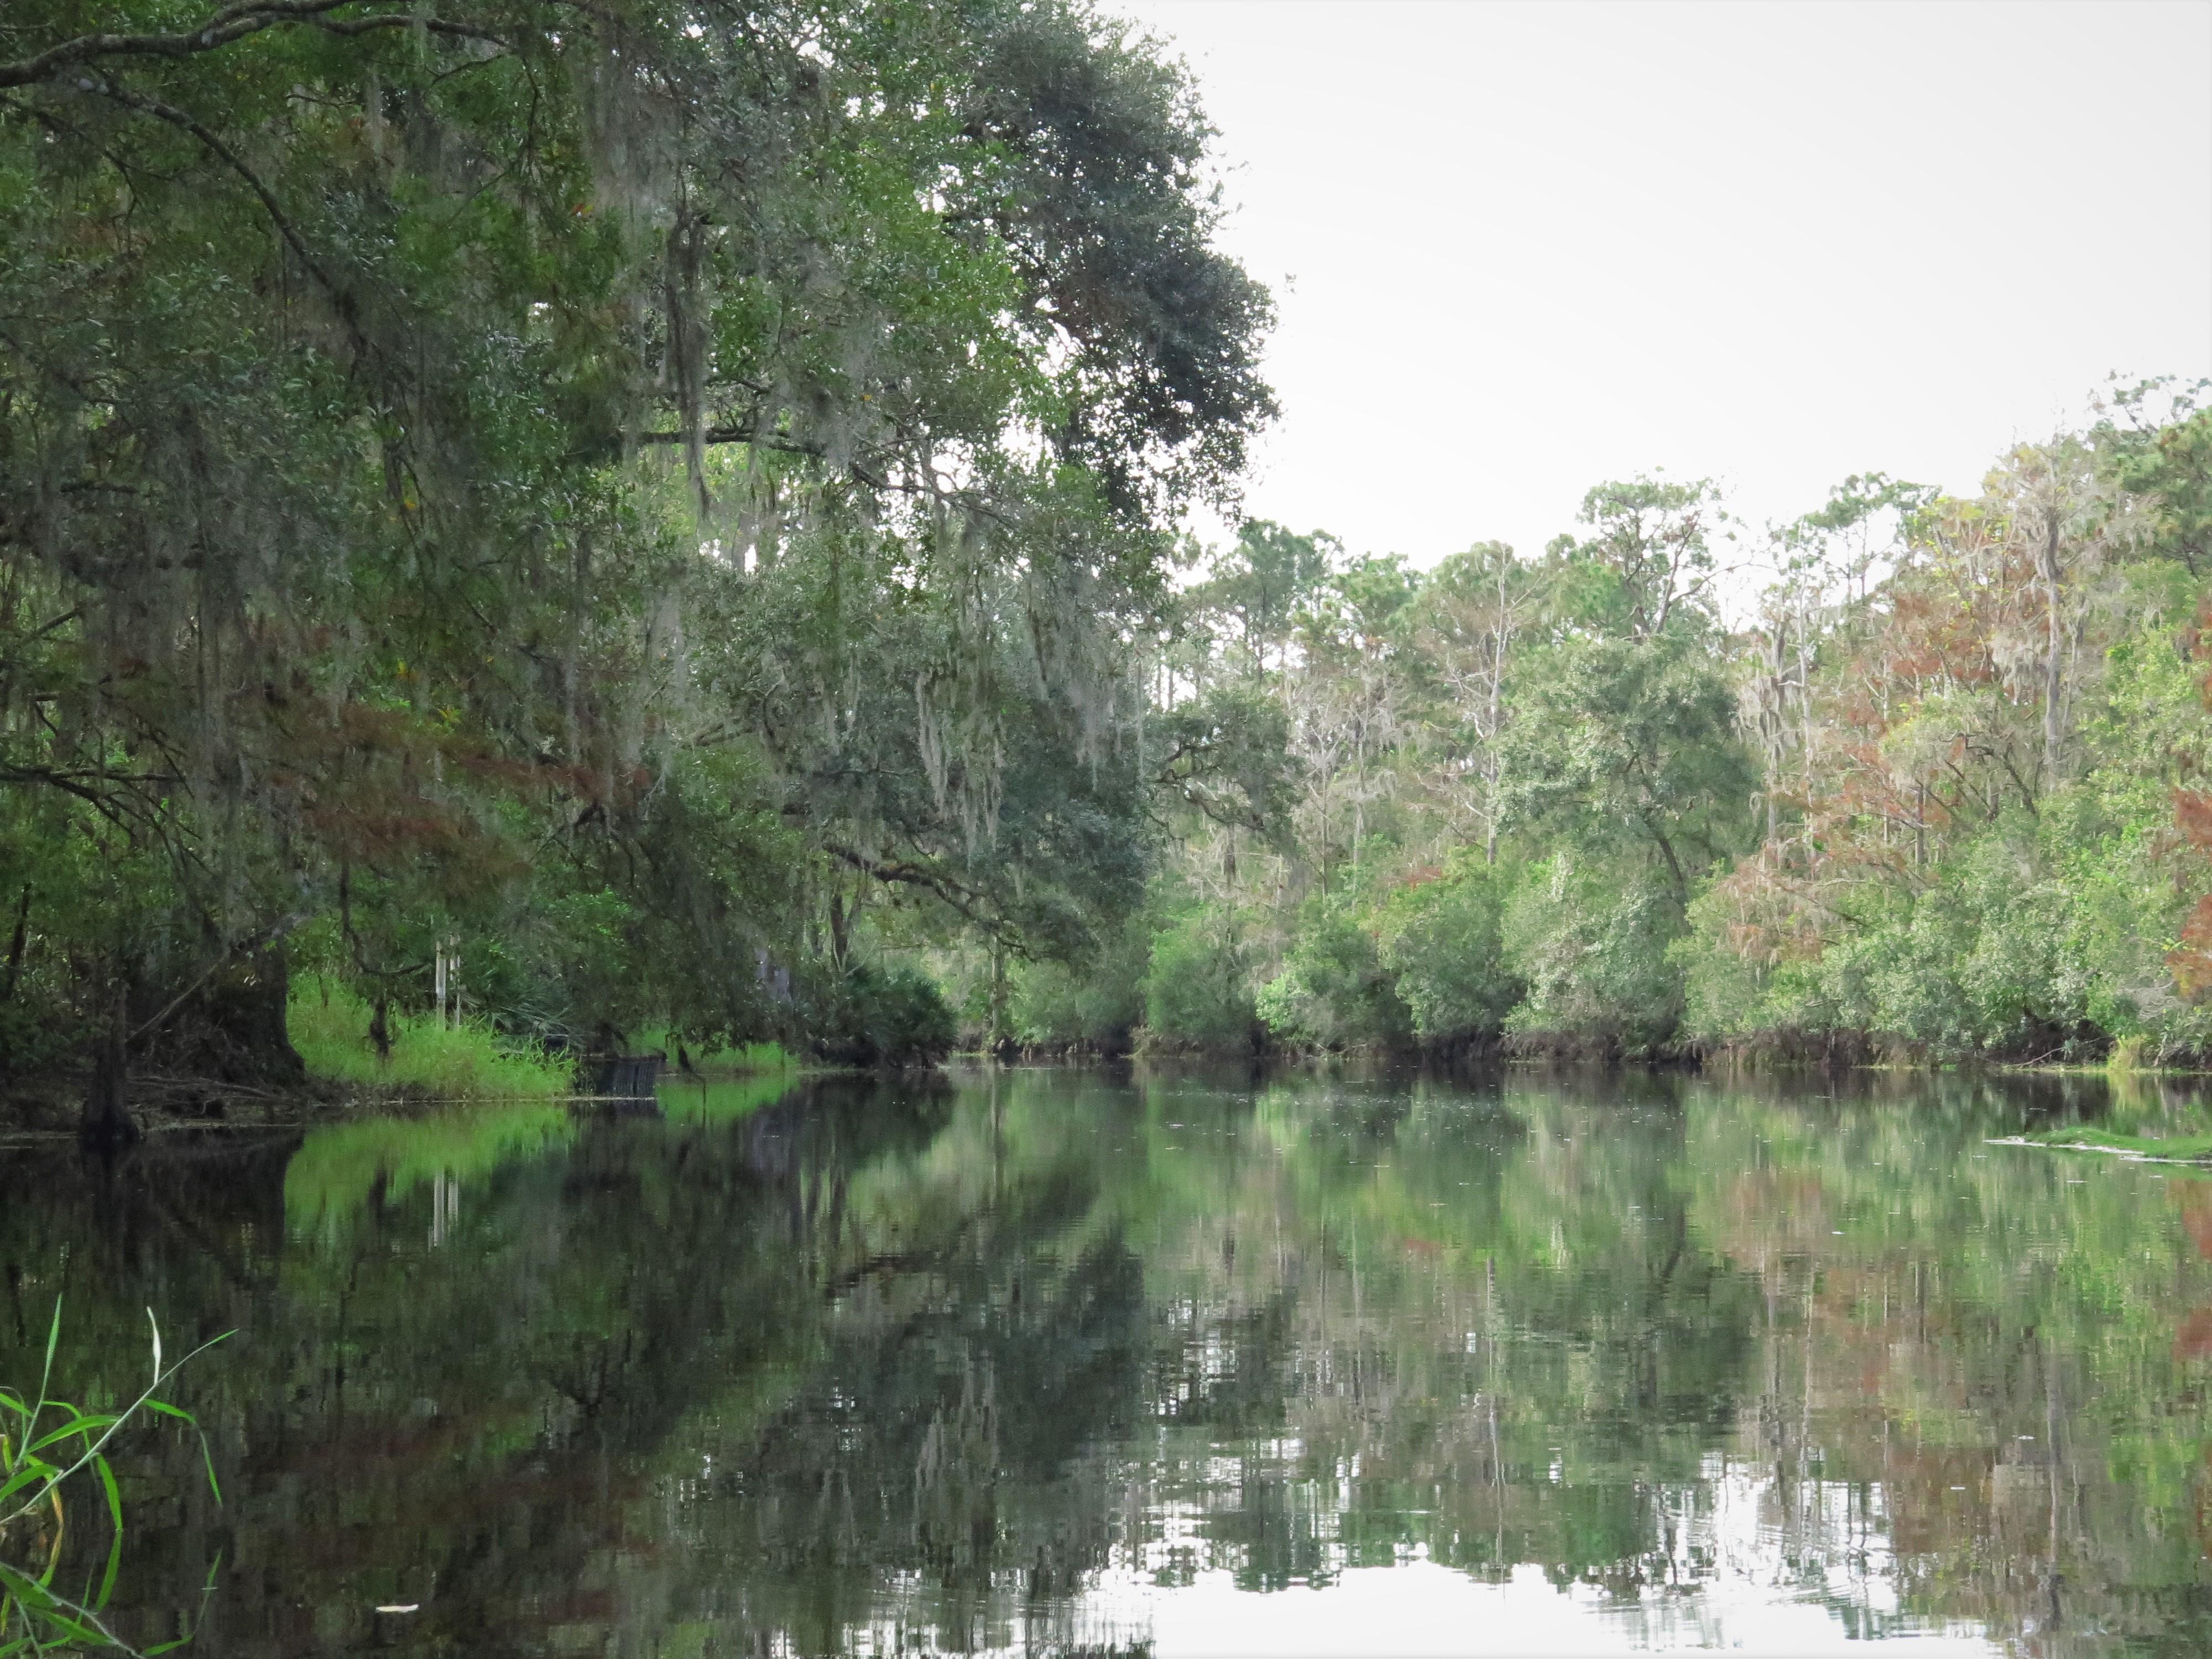 Florida Rivers My Florida Kayaking Adventures - Florida rivers